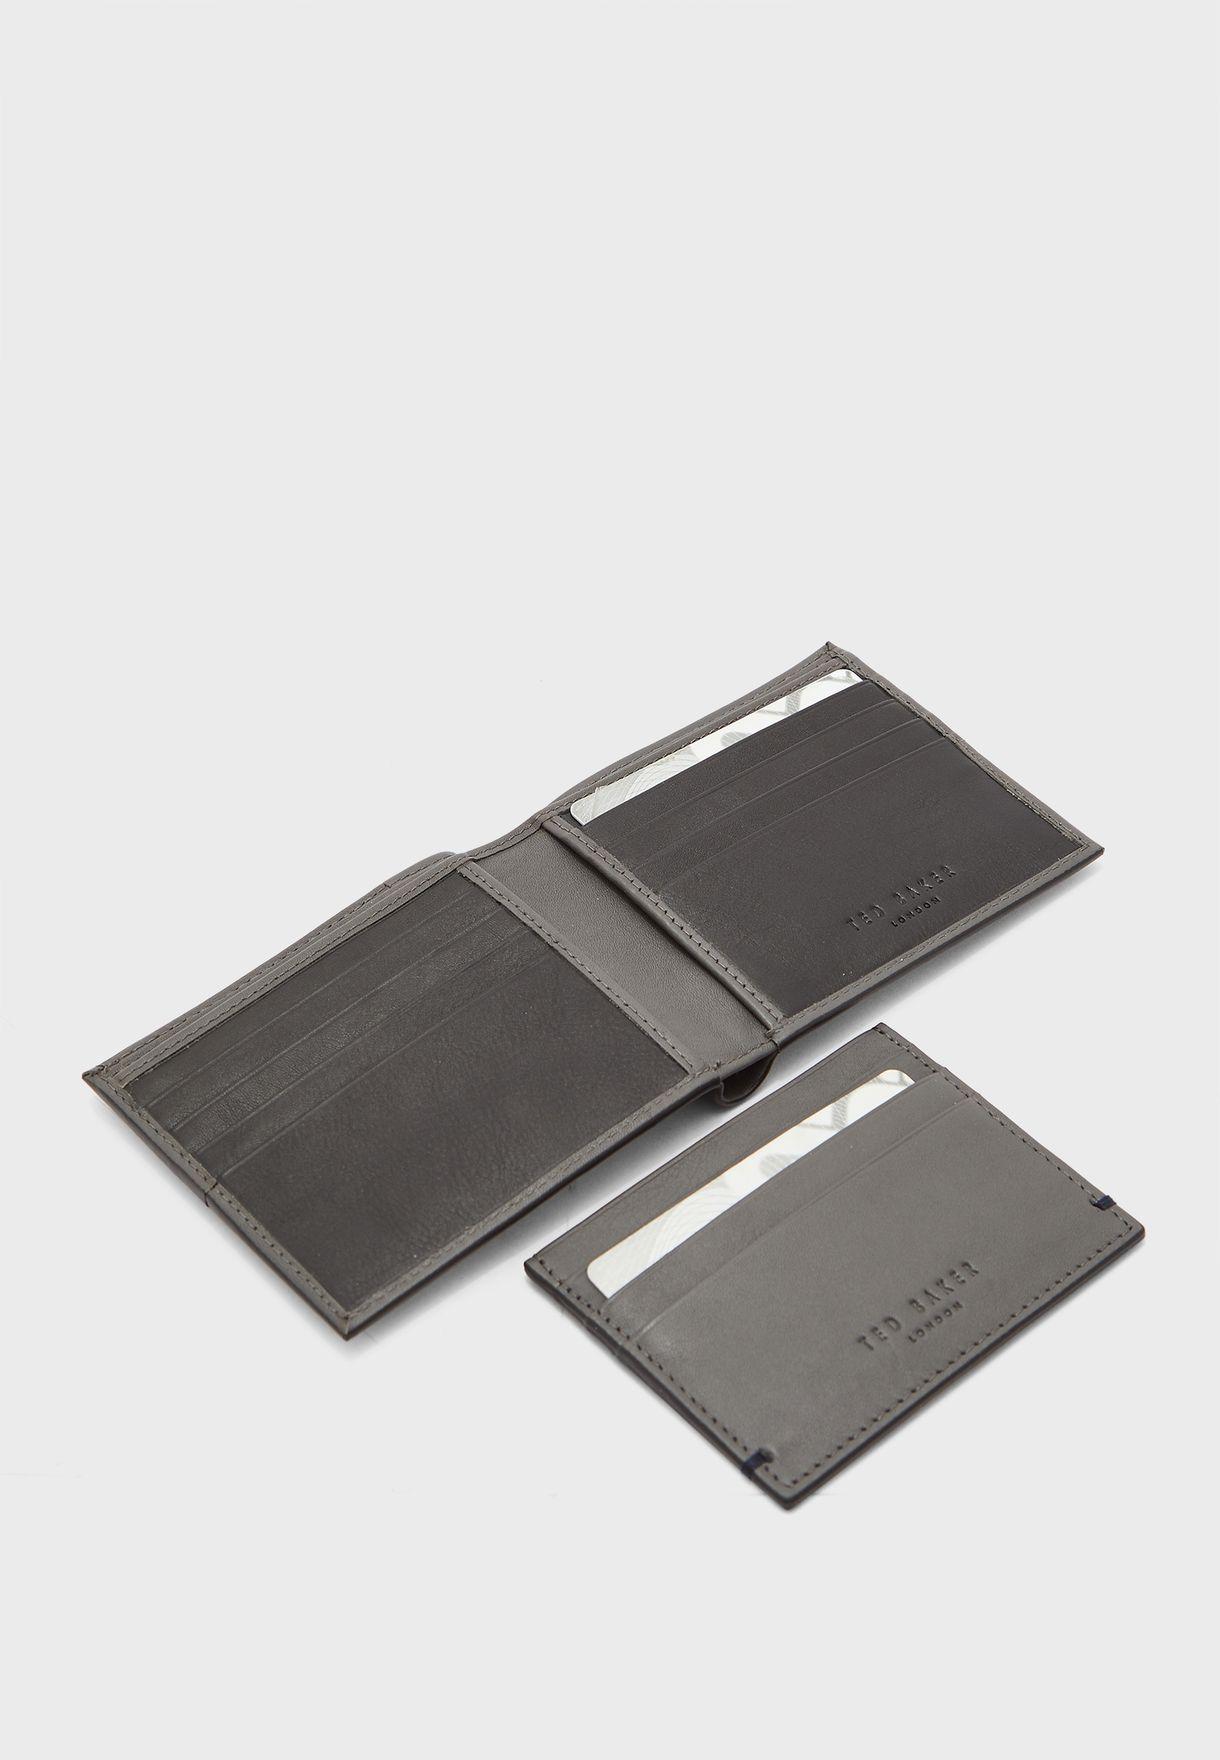 طقم هدايا محفظة  وحافظة بطاقات